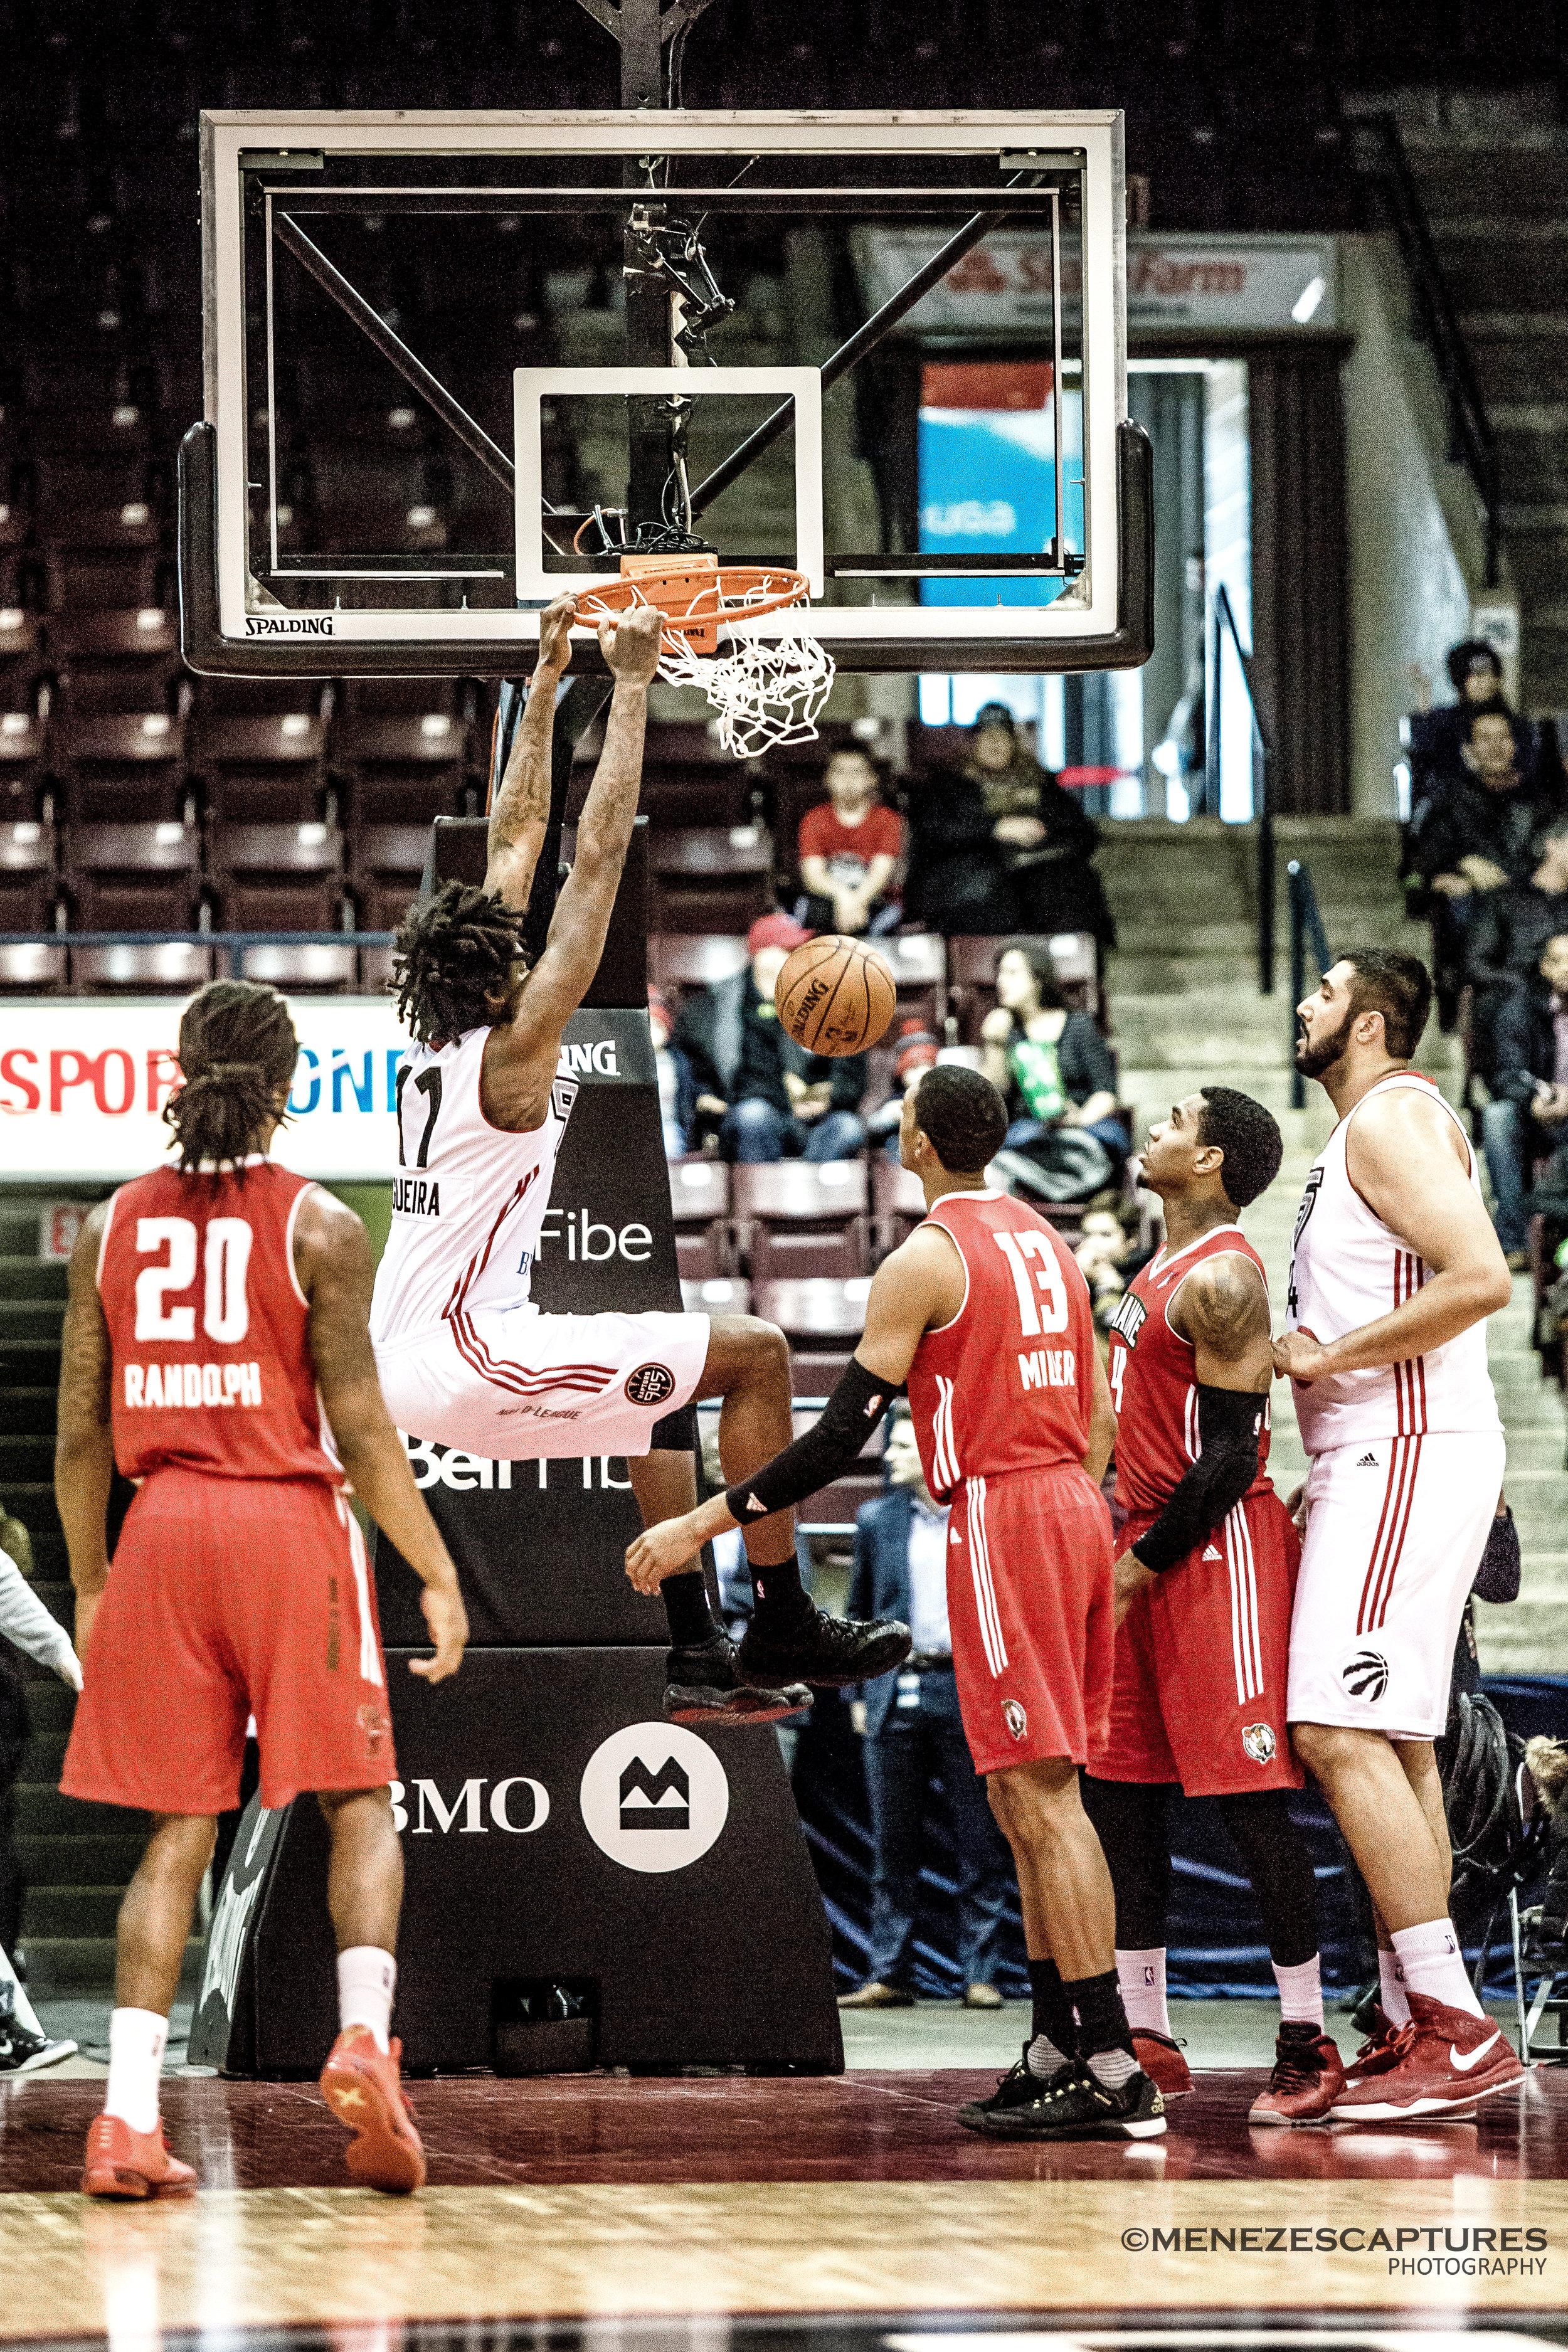 Toronto Raptor centre Lucas Negouira goes for the dunk (2017)